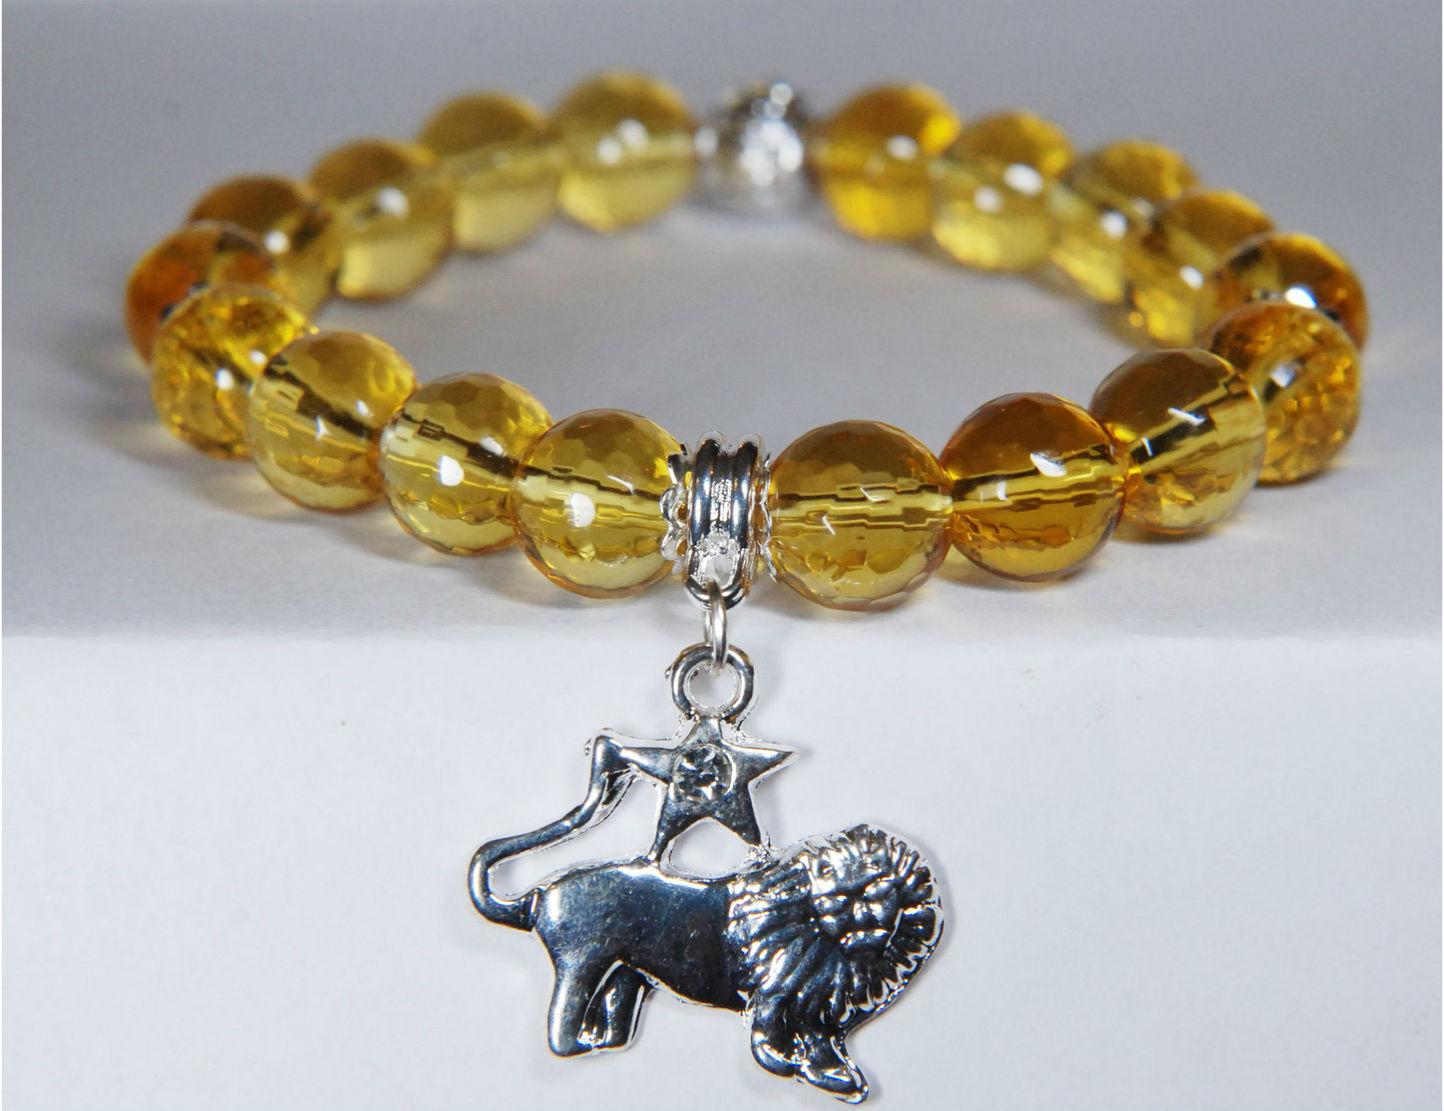 цитрин браслет для льва Цитрин камень